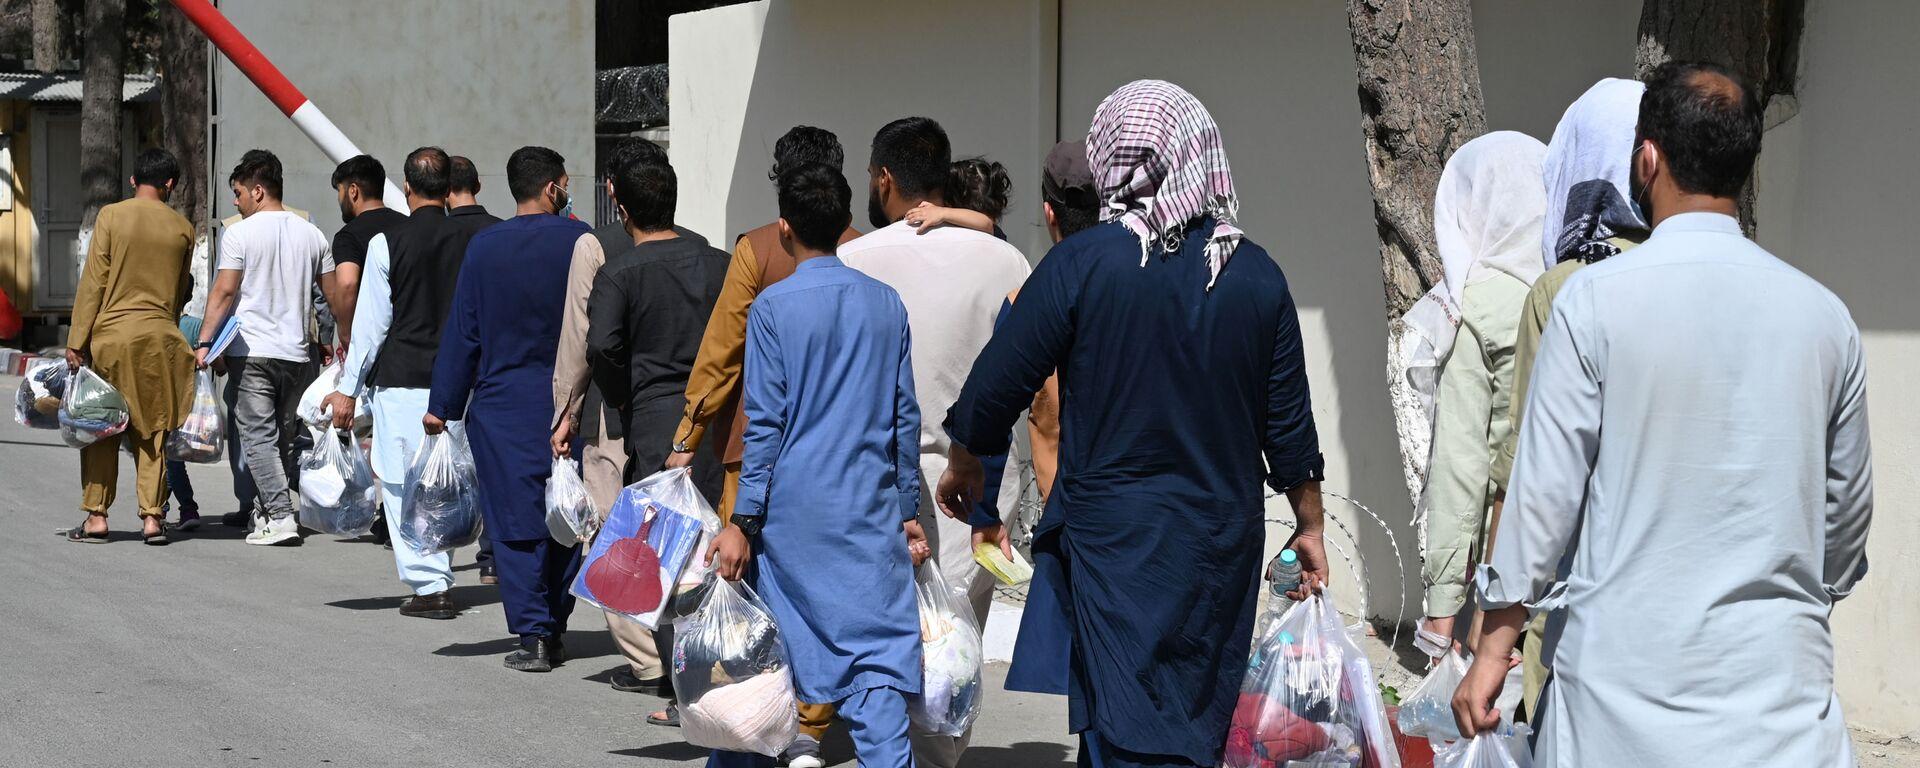 Des Afghans souhaitant quitter Kaboul, le 28 août 2021 - Sputnik France, 1920, 31.08.2021